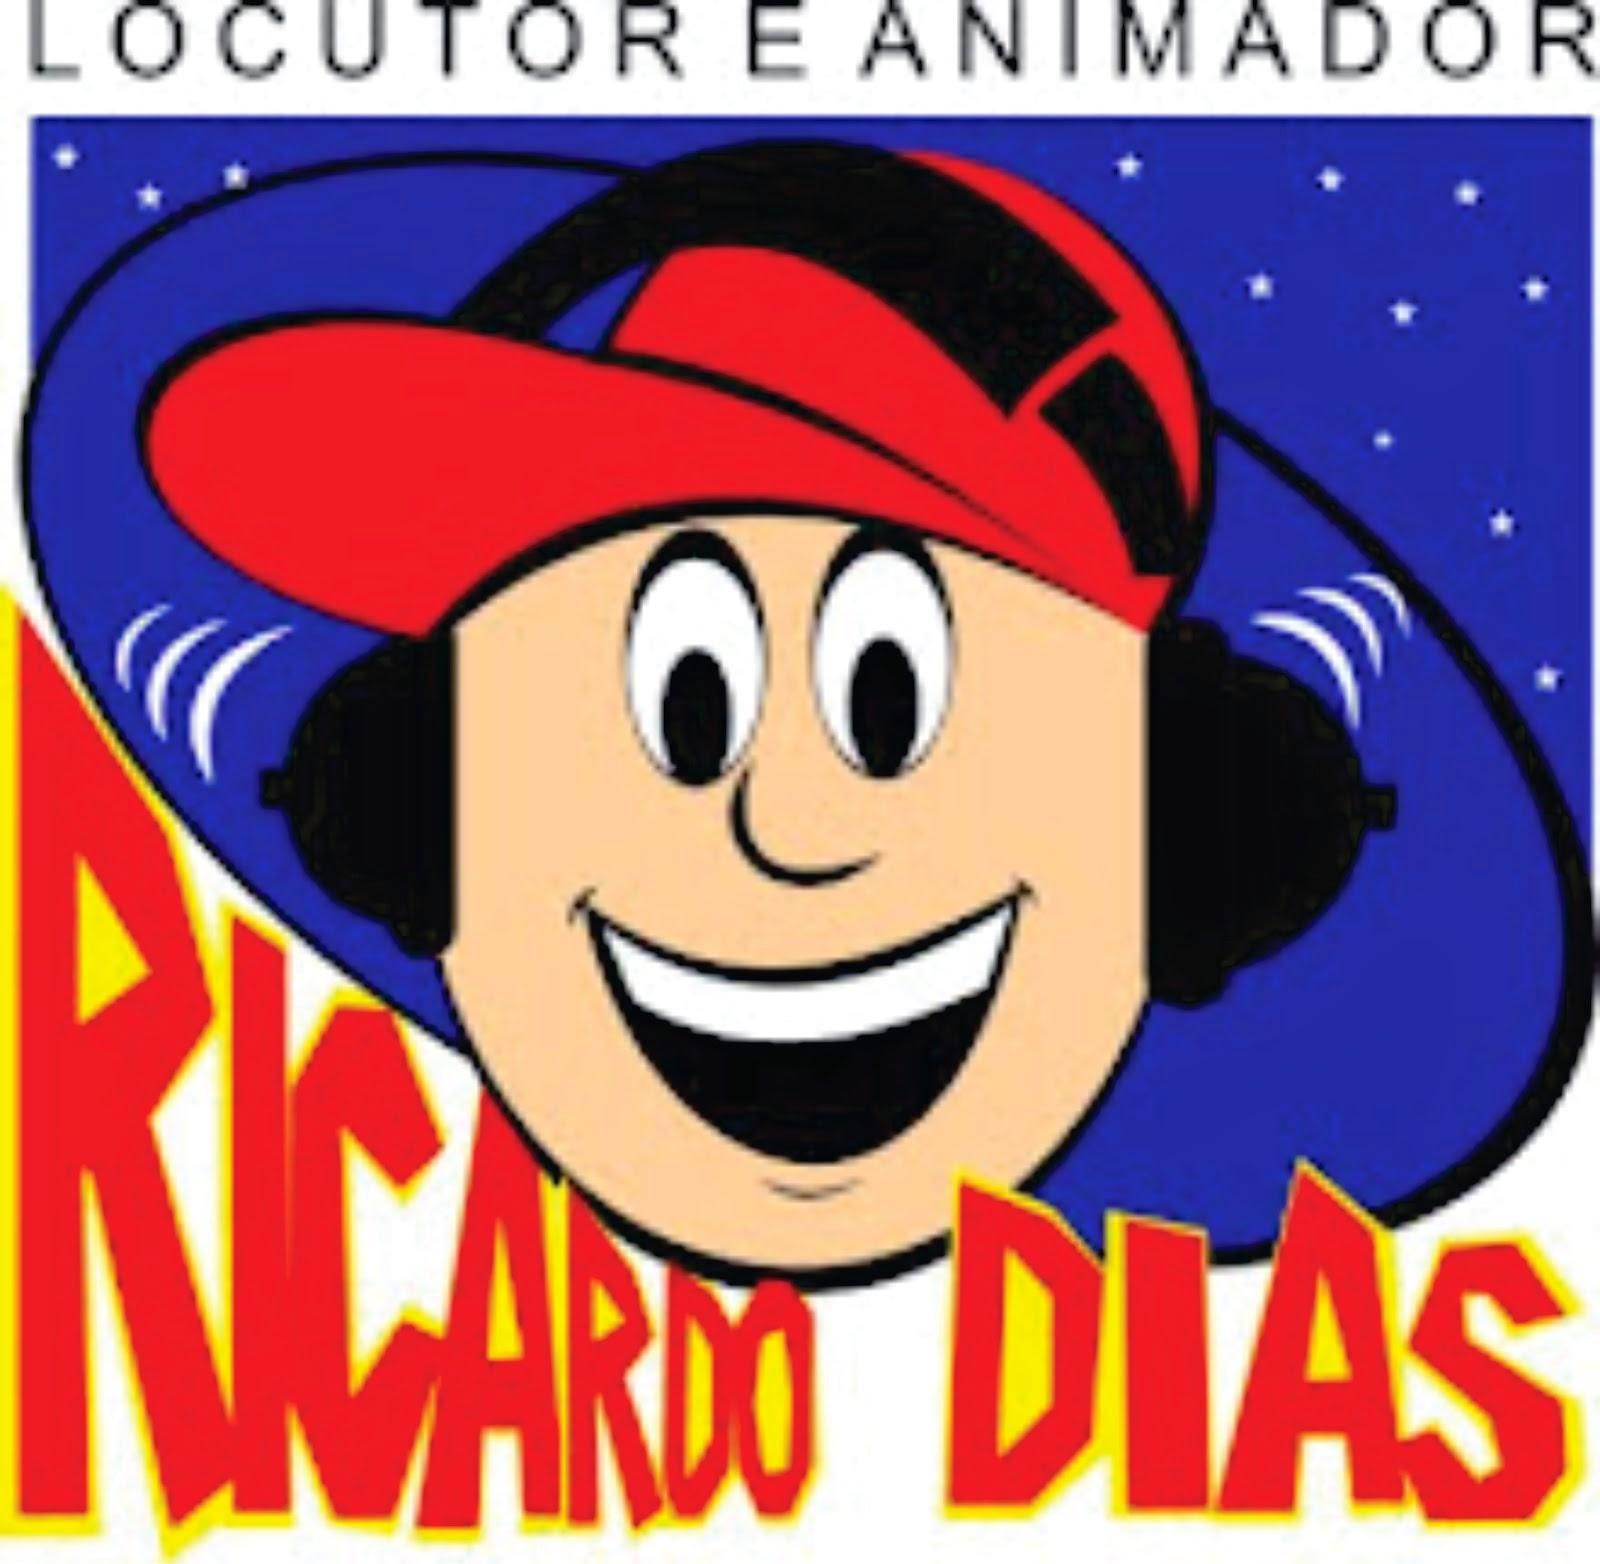 RICARDO DIAS LOCUTOR